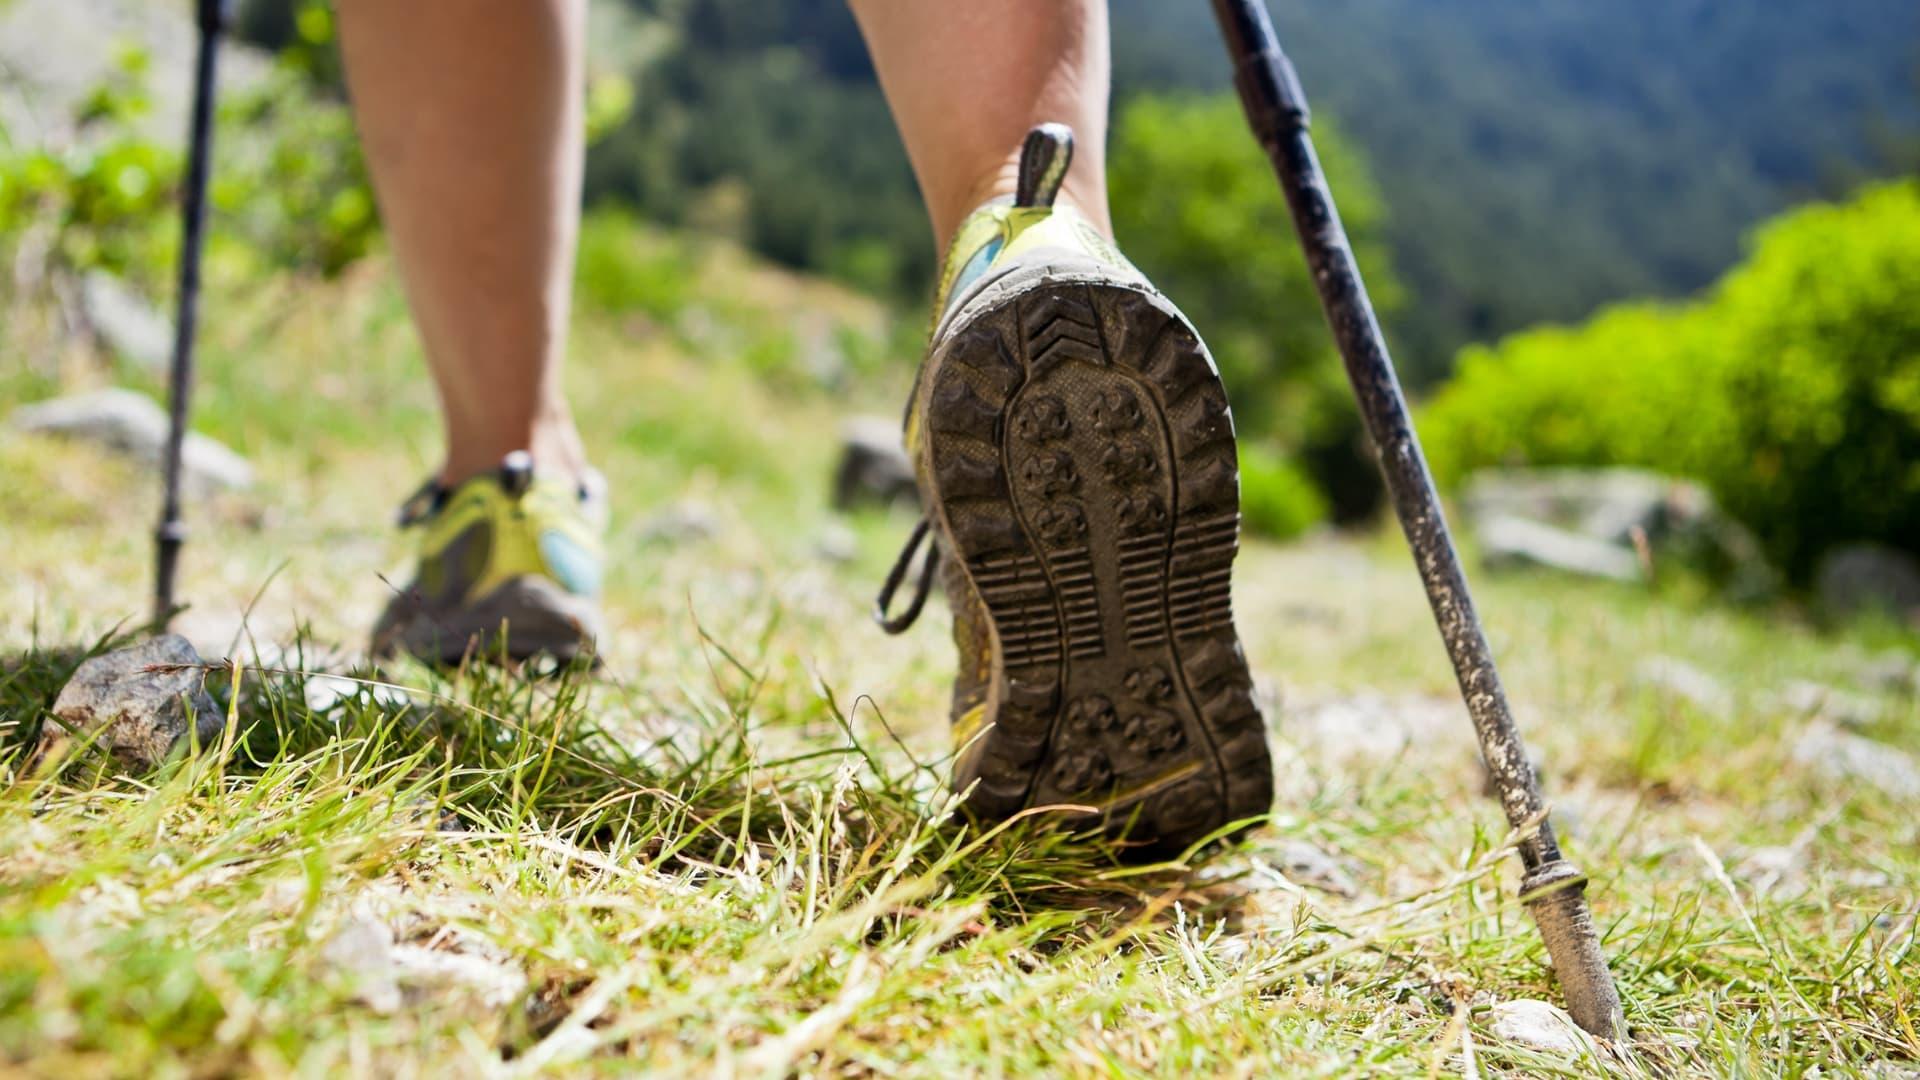 Walking Anleitung